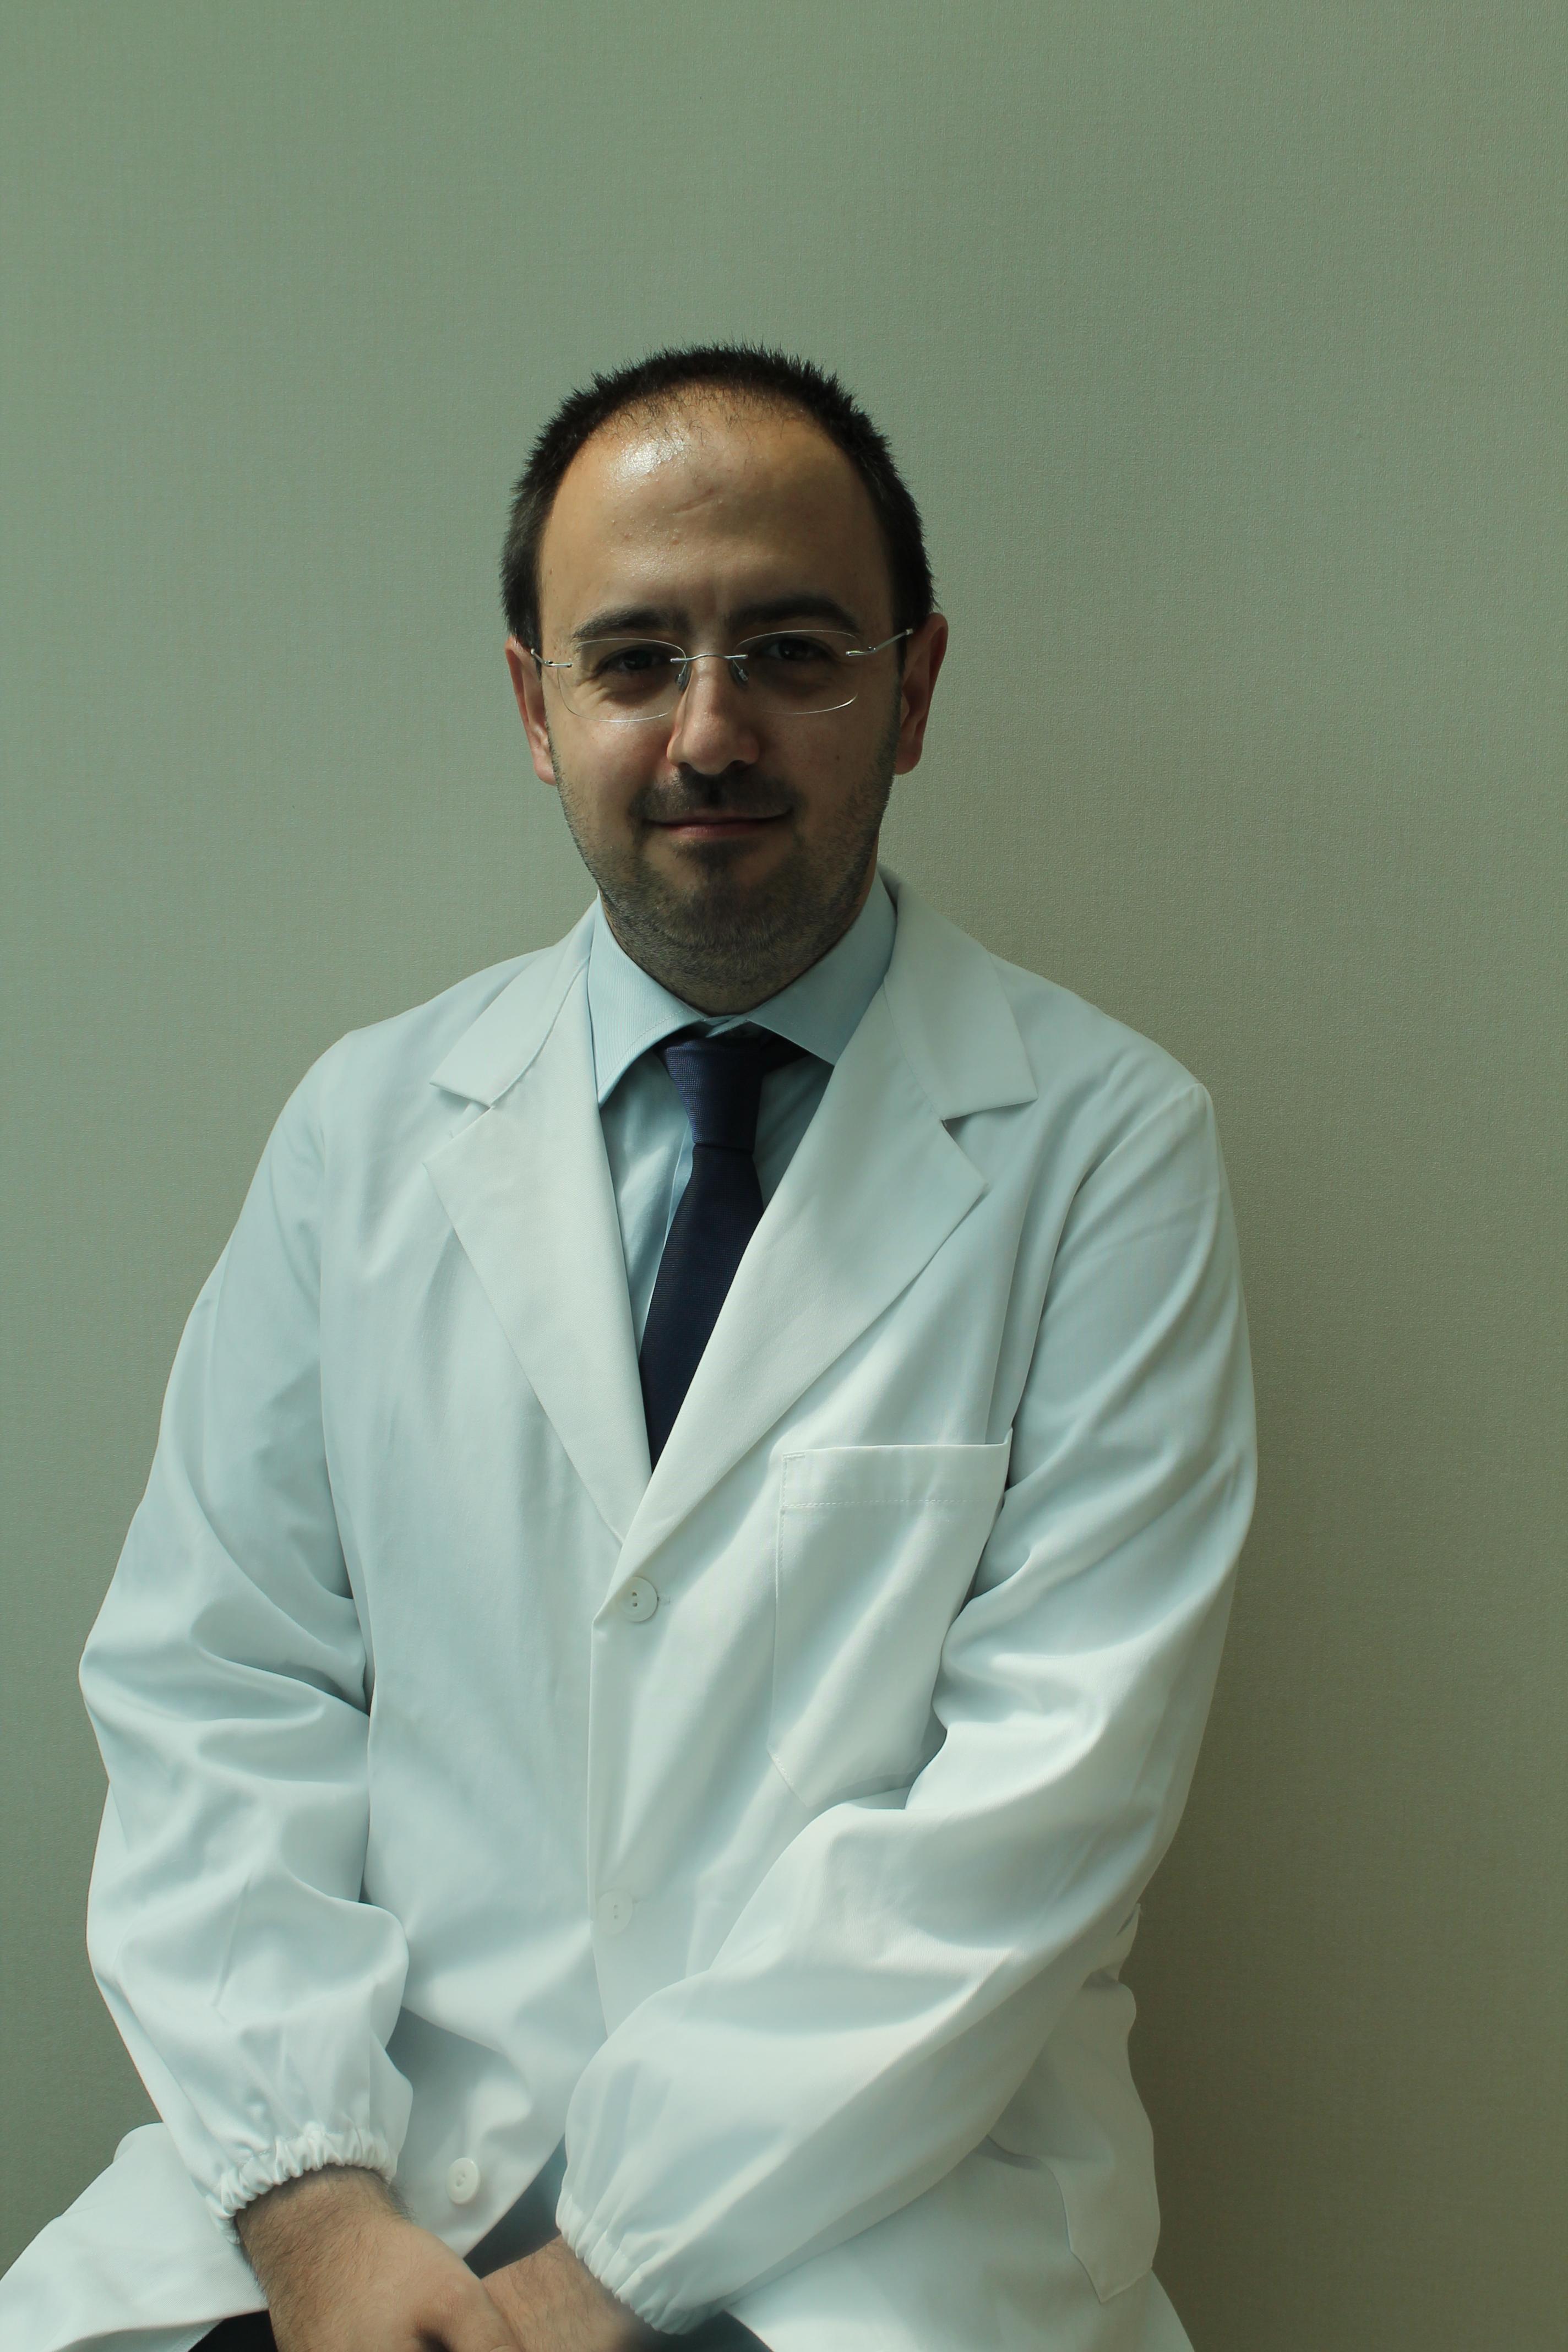 Dott. Gennaro D'anna